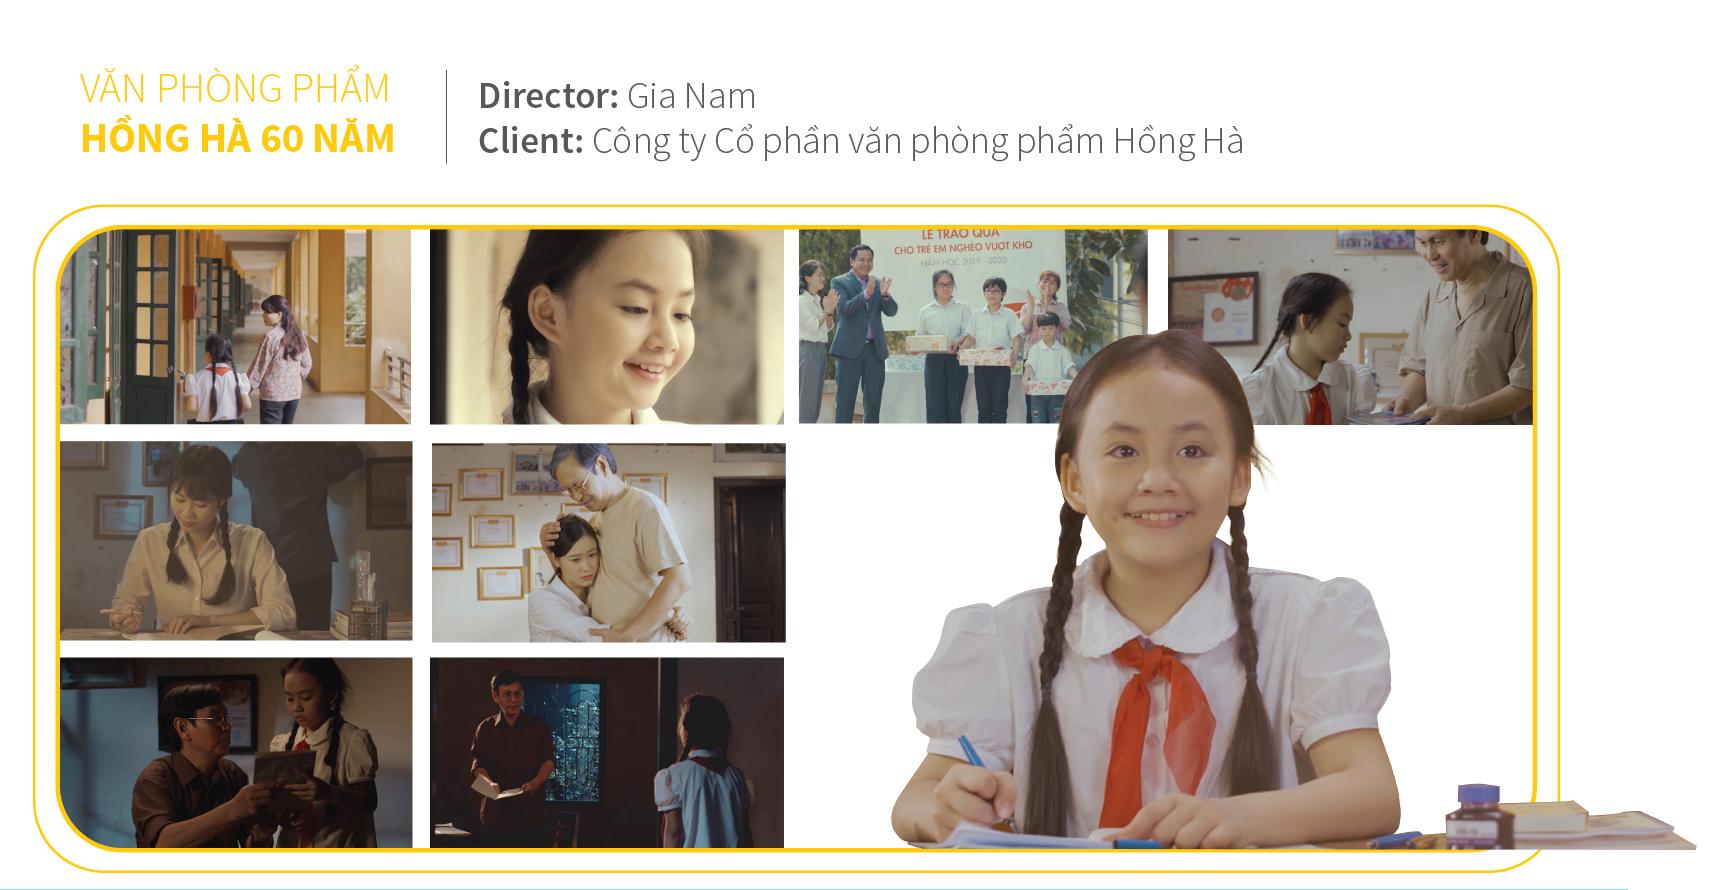 Phim Thương hiệu - Văn phòng phẩm Hồng Hà